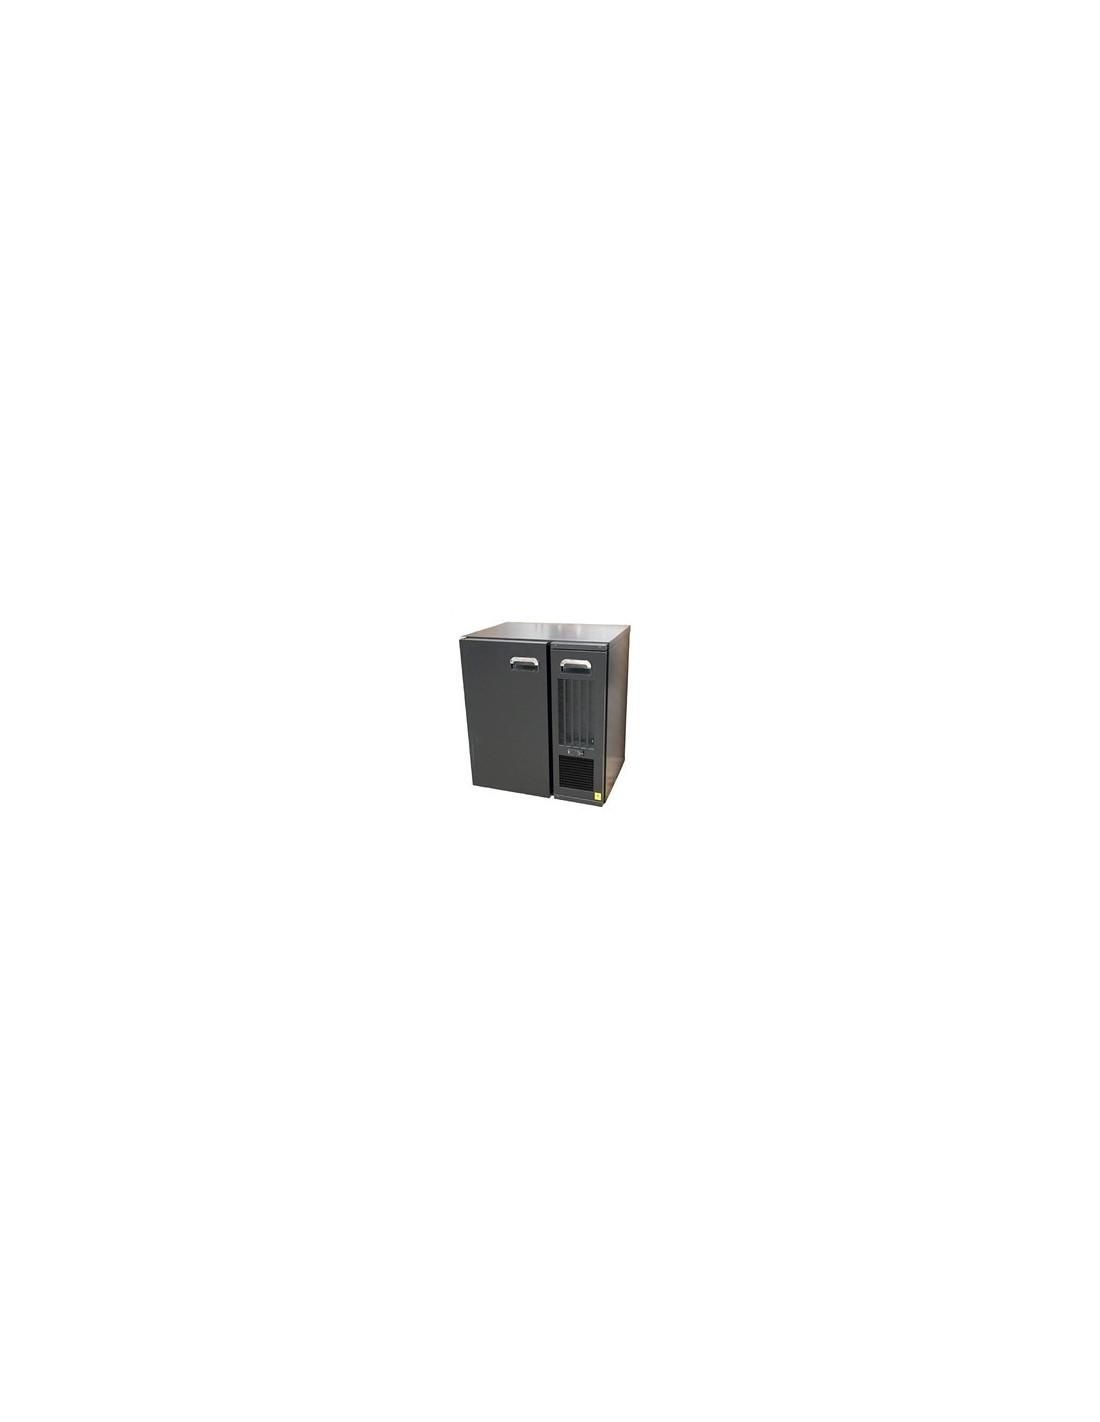 UPP00139 - Fatkyl - Kegcooler 780